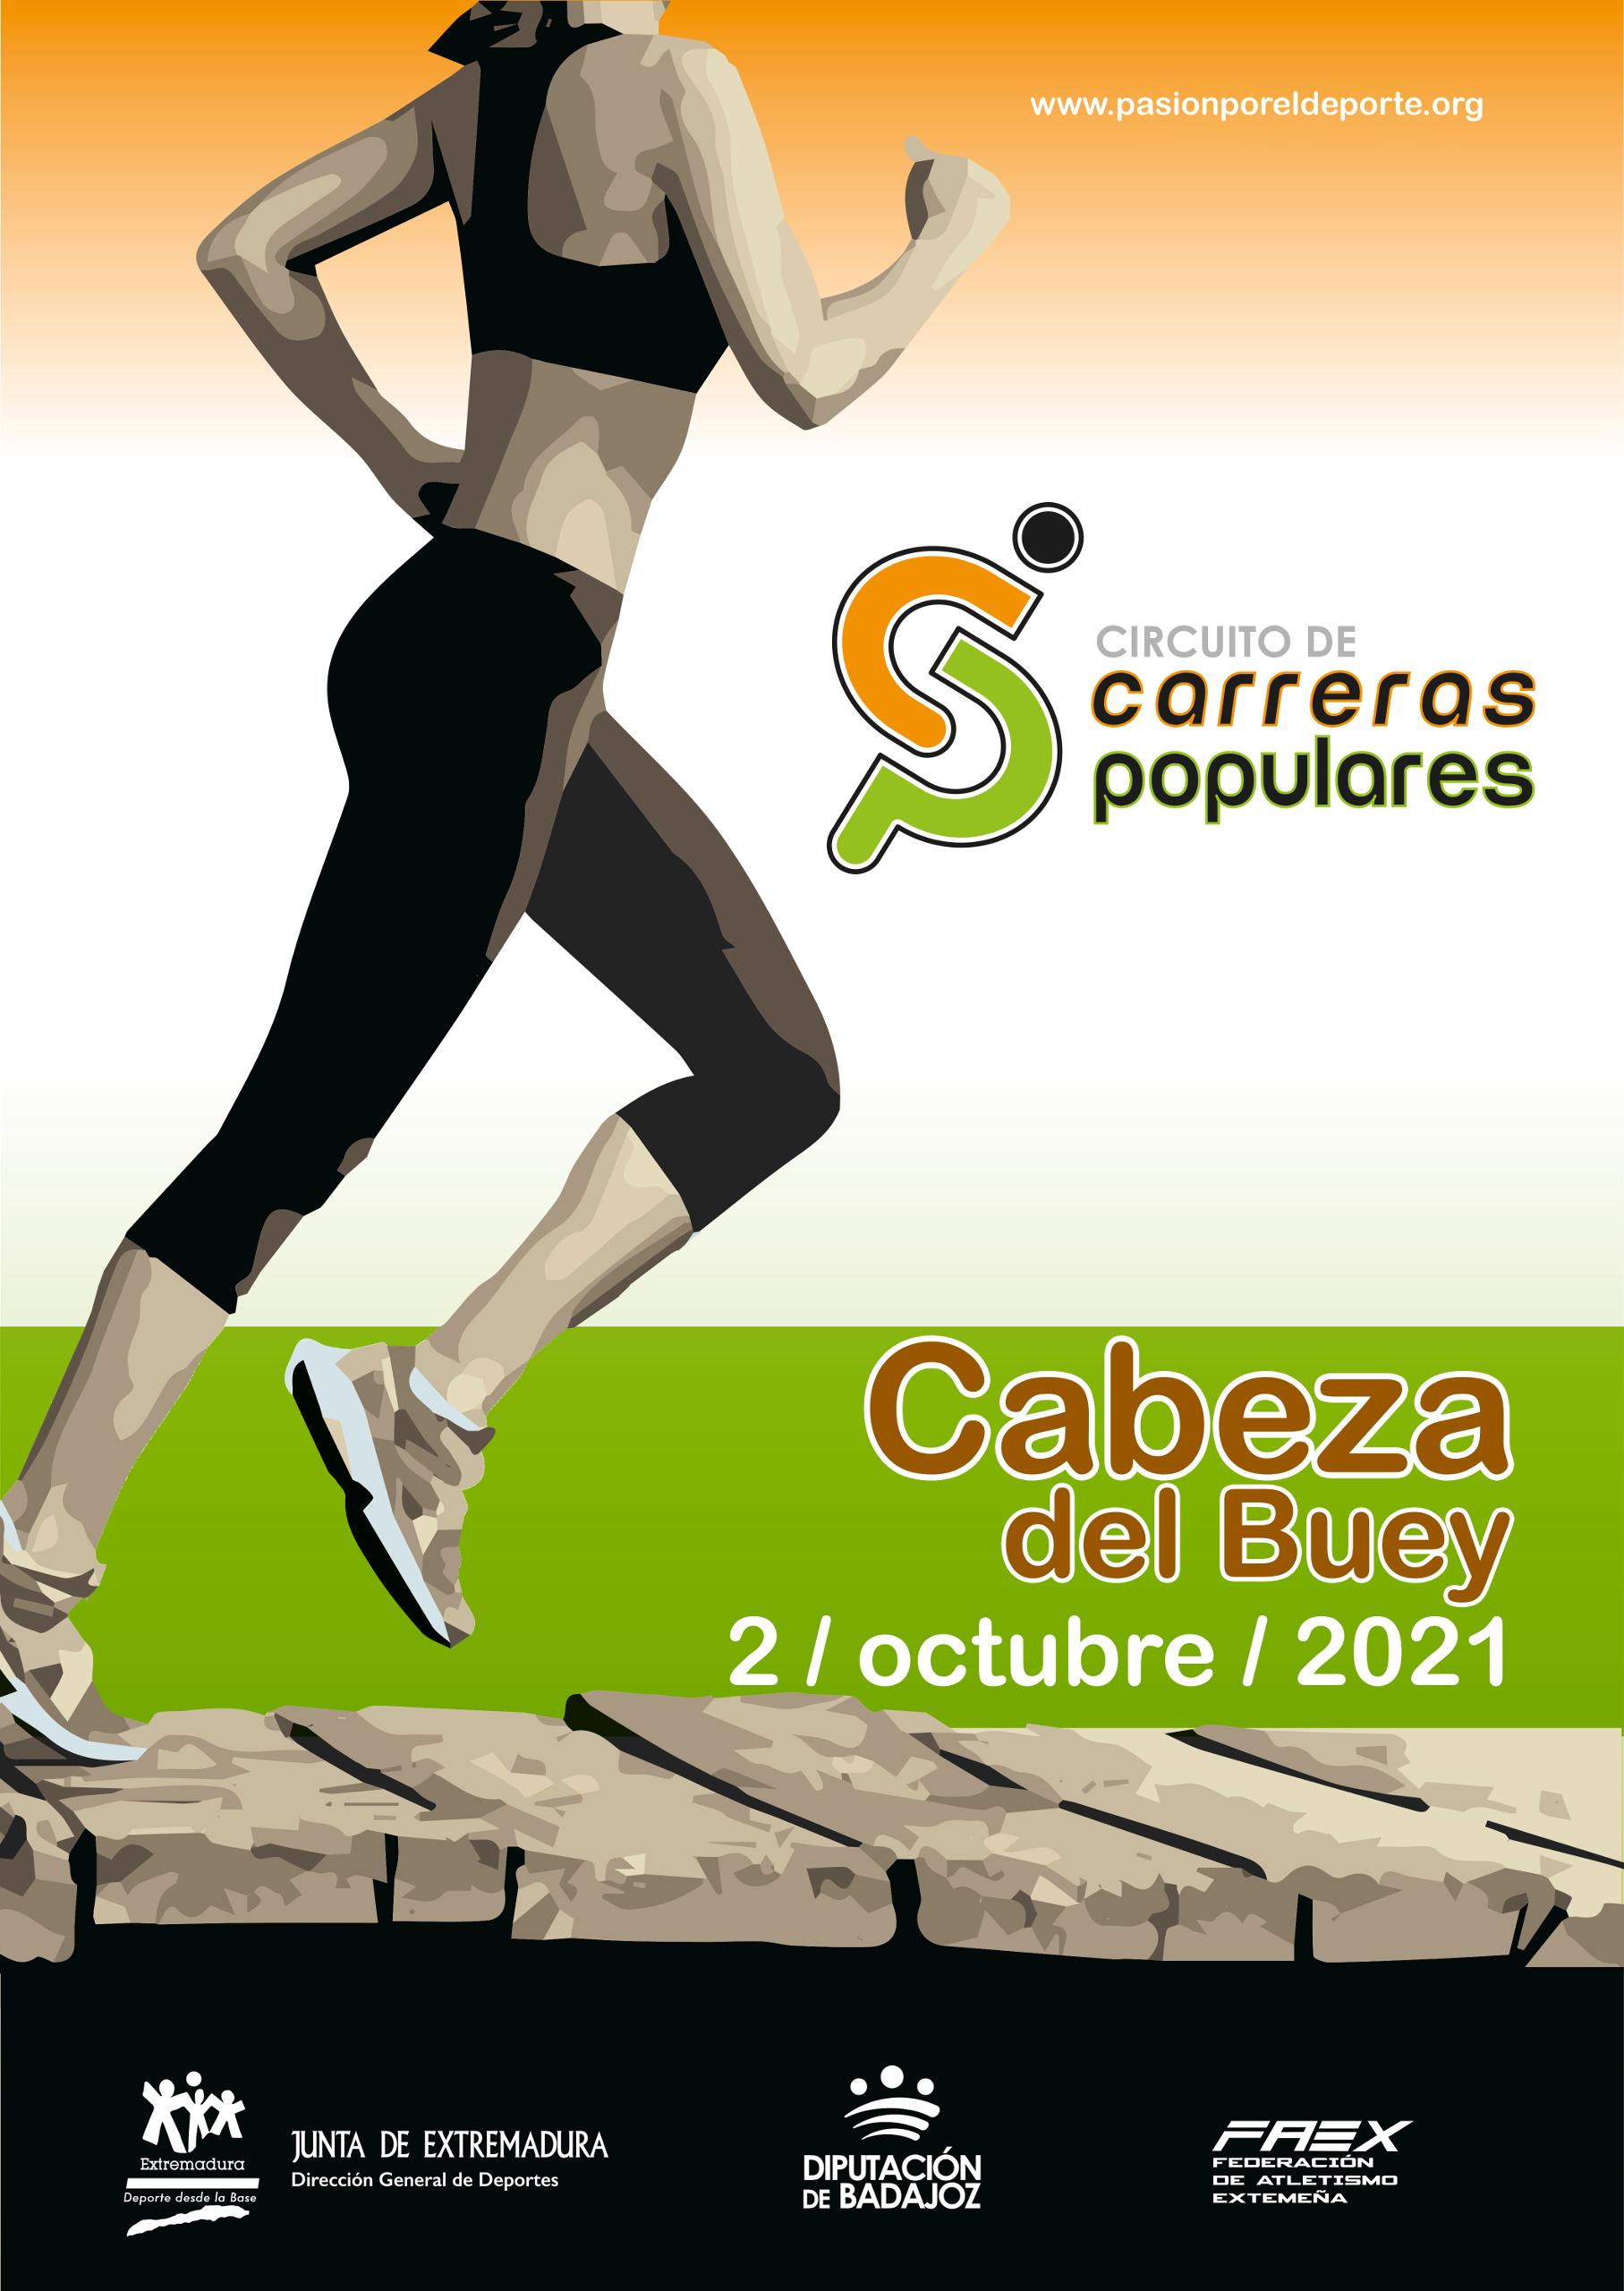 Imagen del Evento Circuito de Carreras Populares en CABEZA DEL BUEY